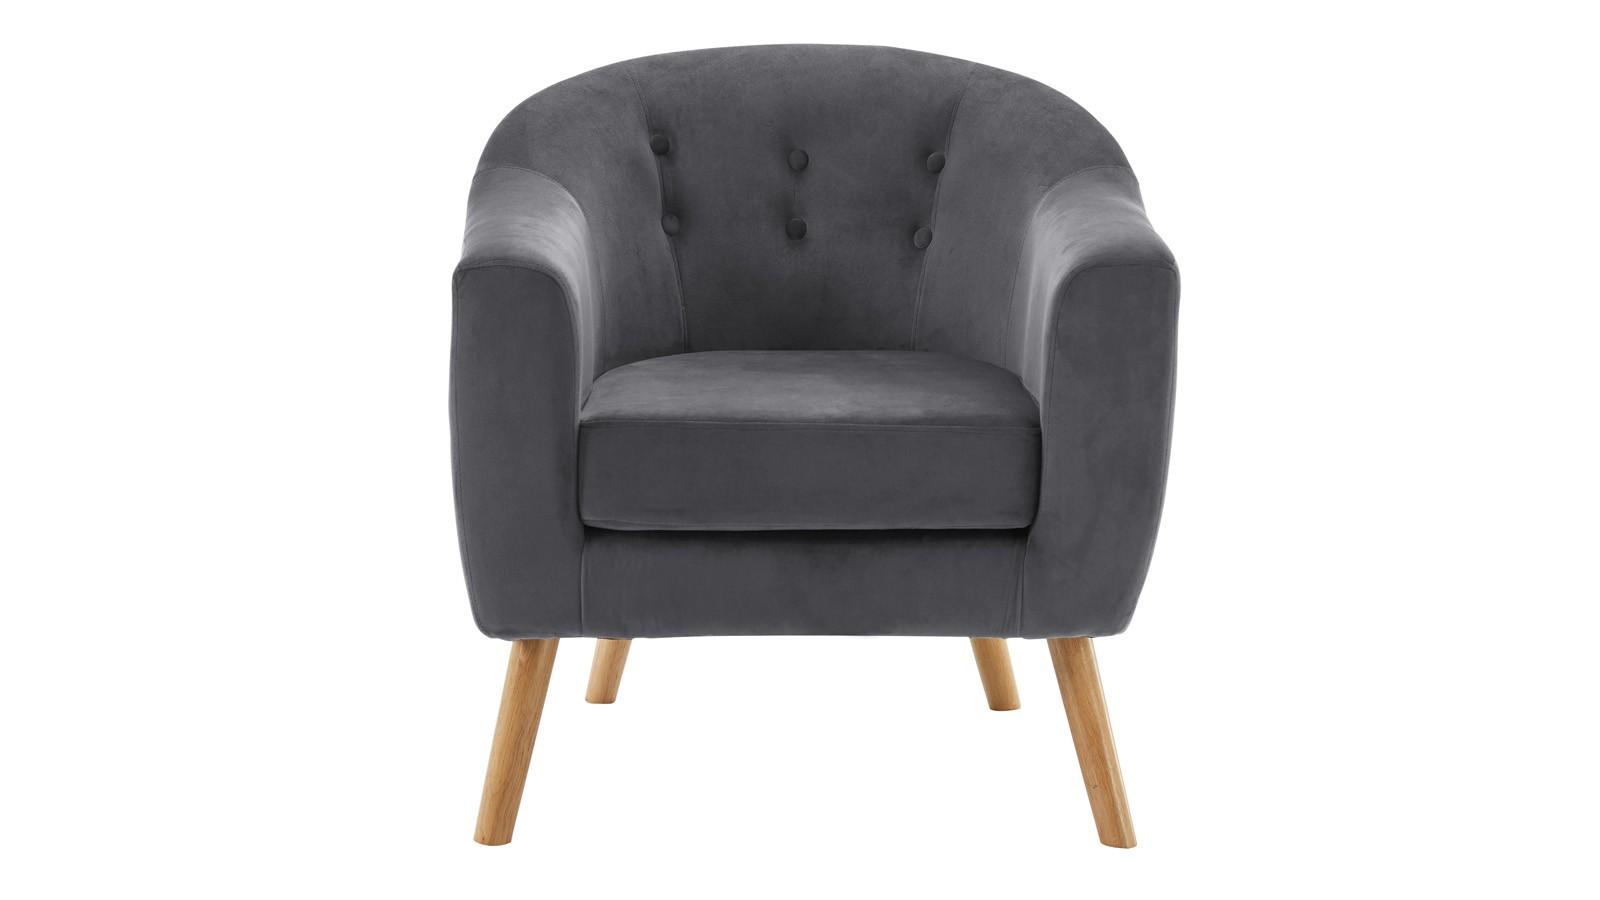 fauteuil scandinave volga en velours gris